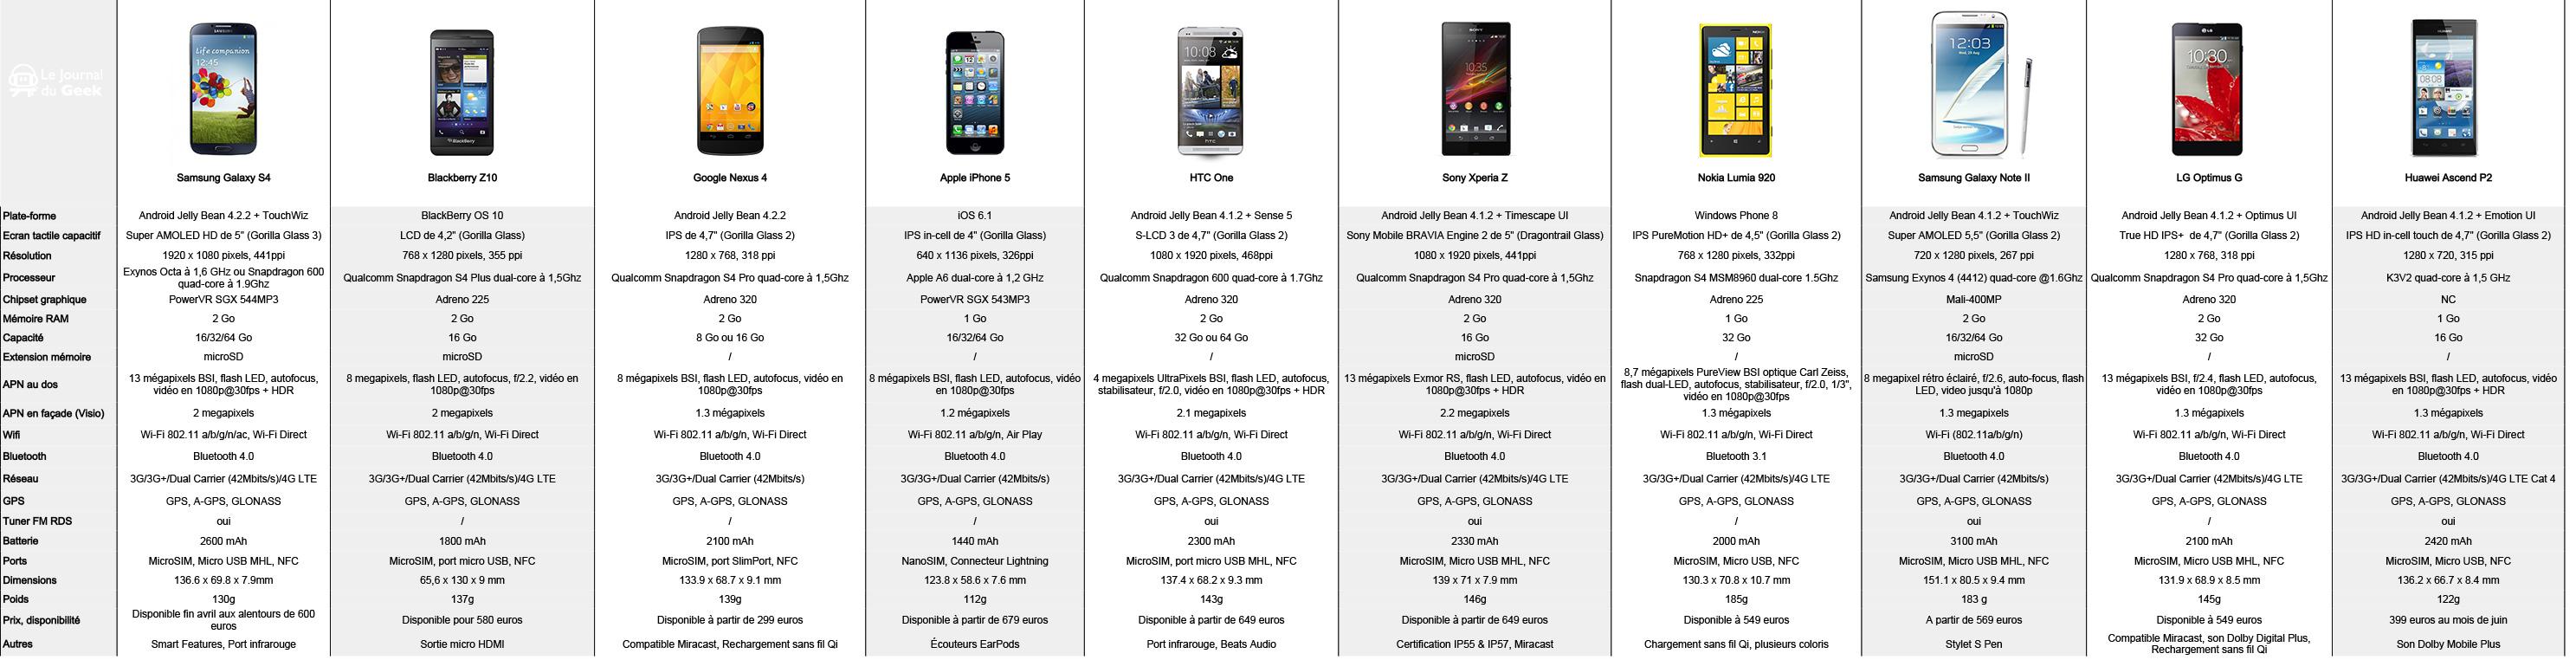 top-10-smartphones-2013